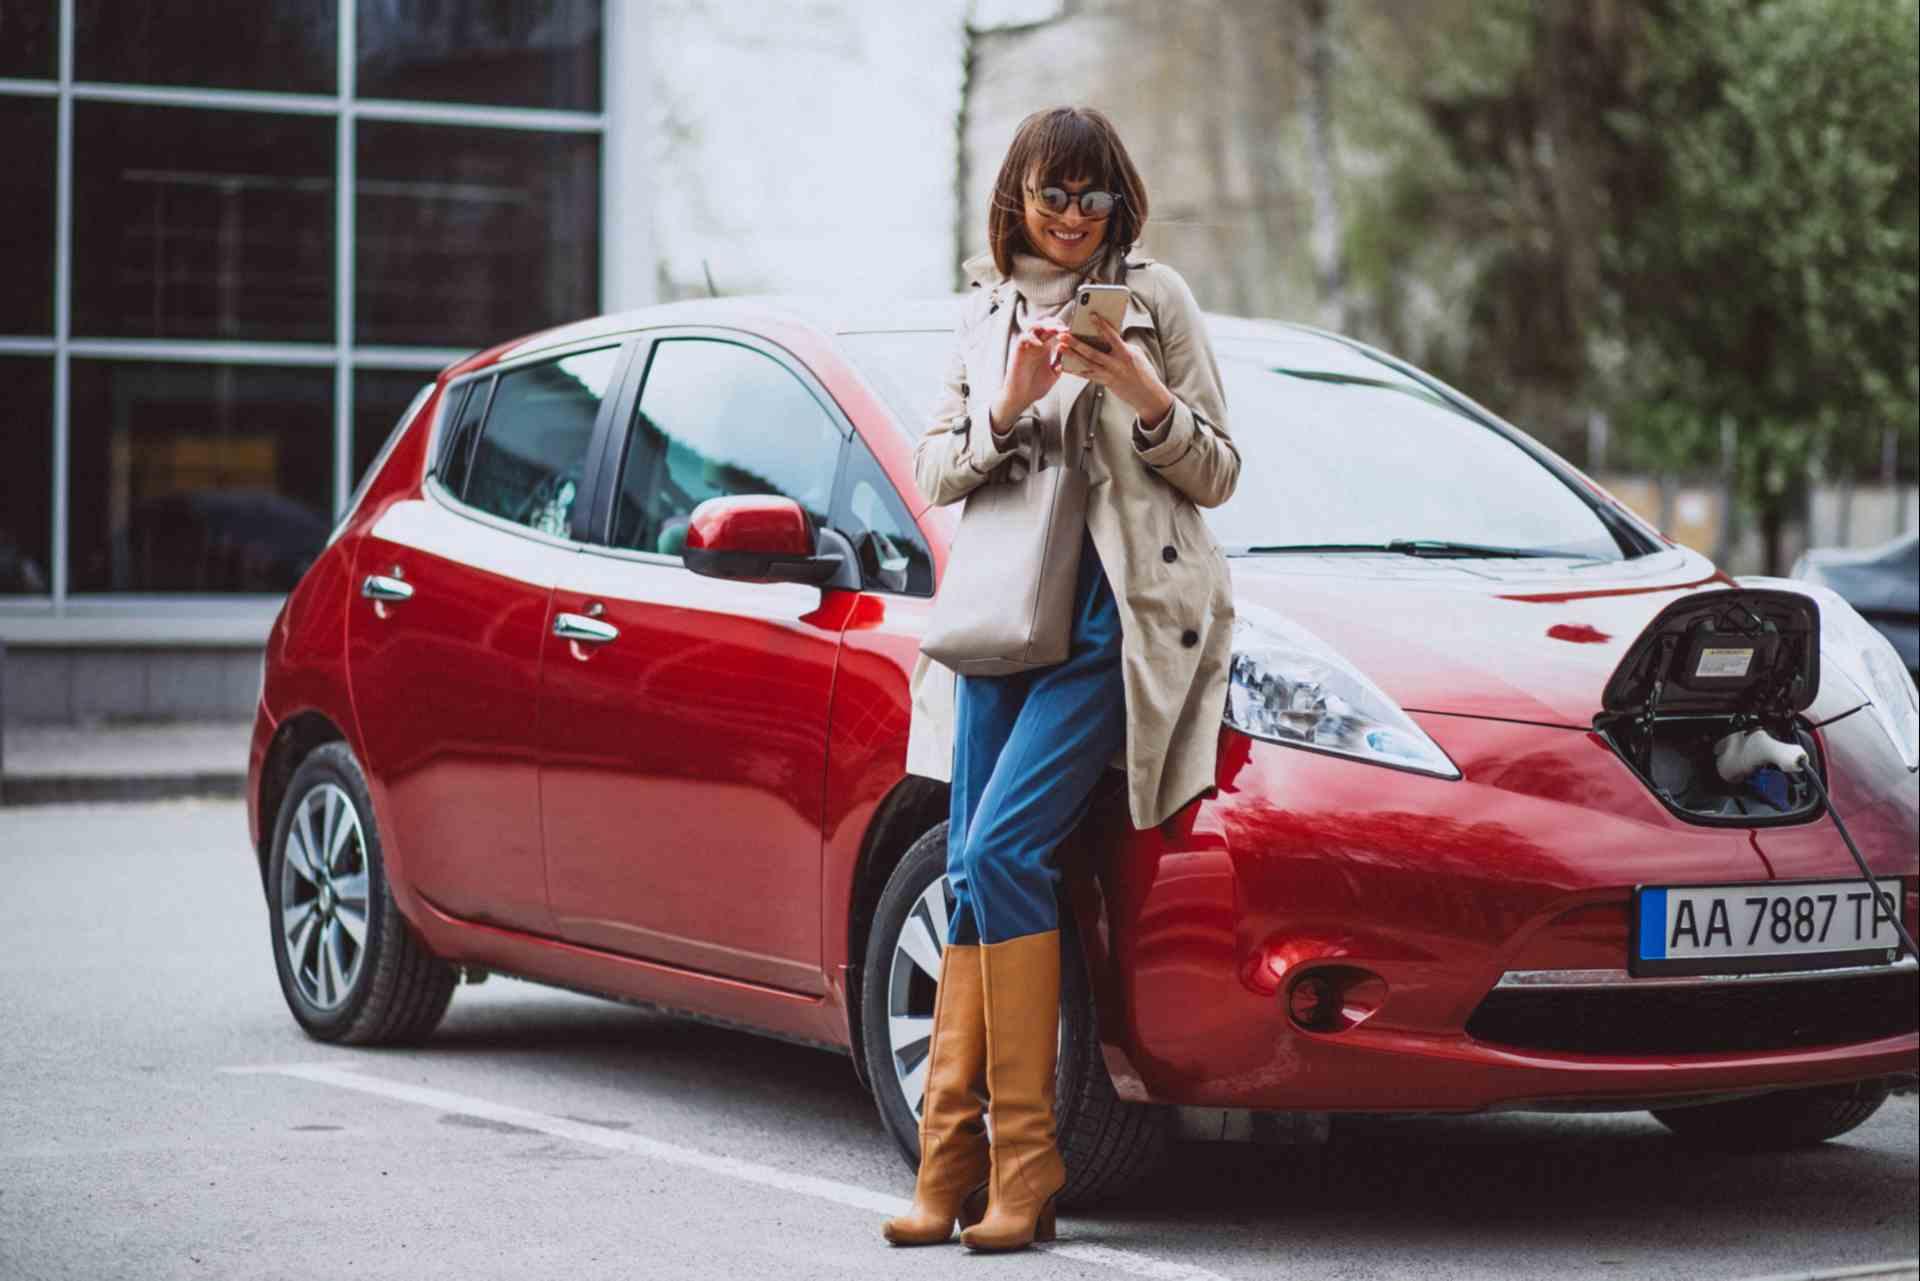 Carros elétricos são uma ameaça aos Postos de Combustível?